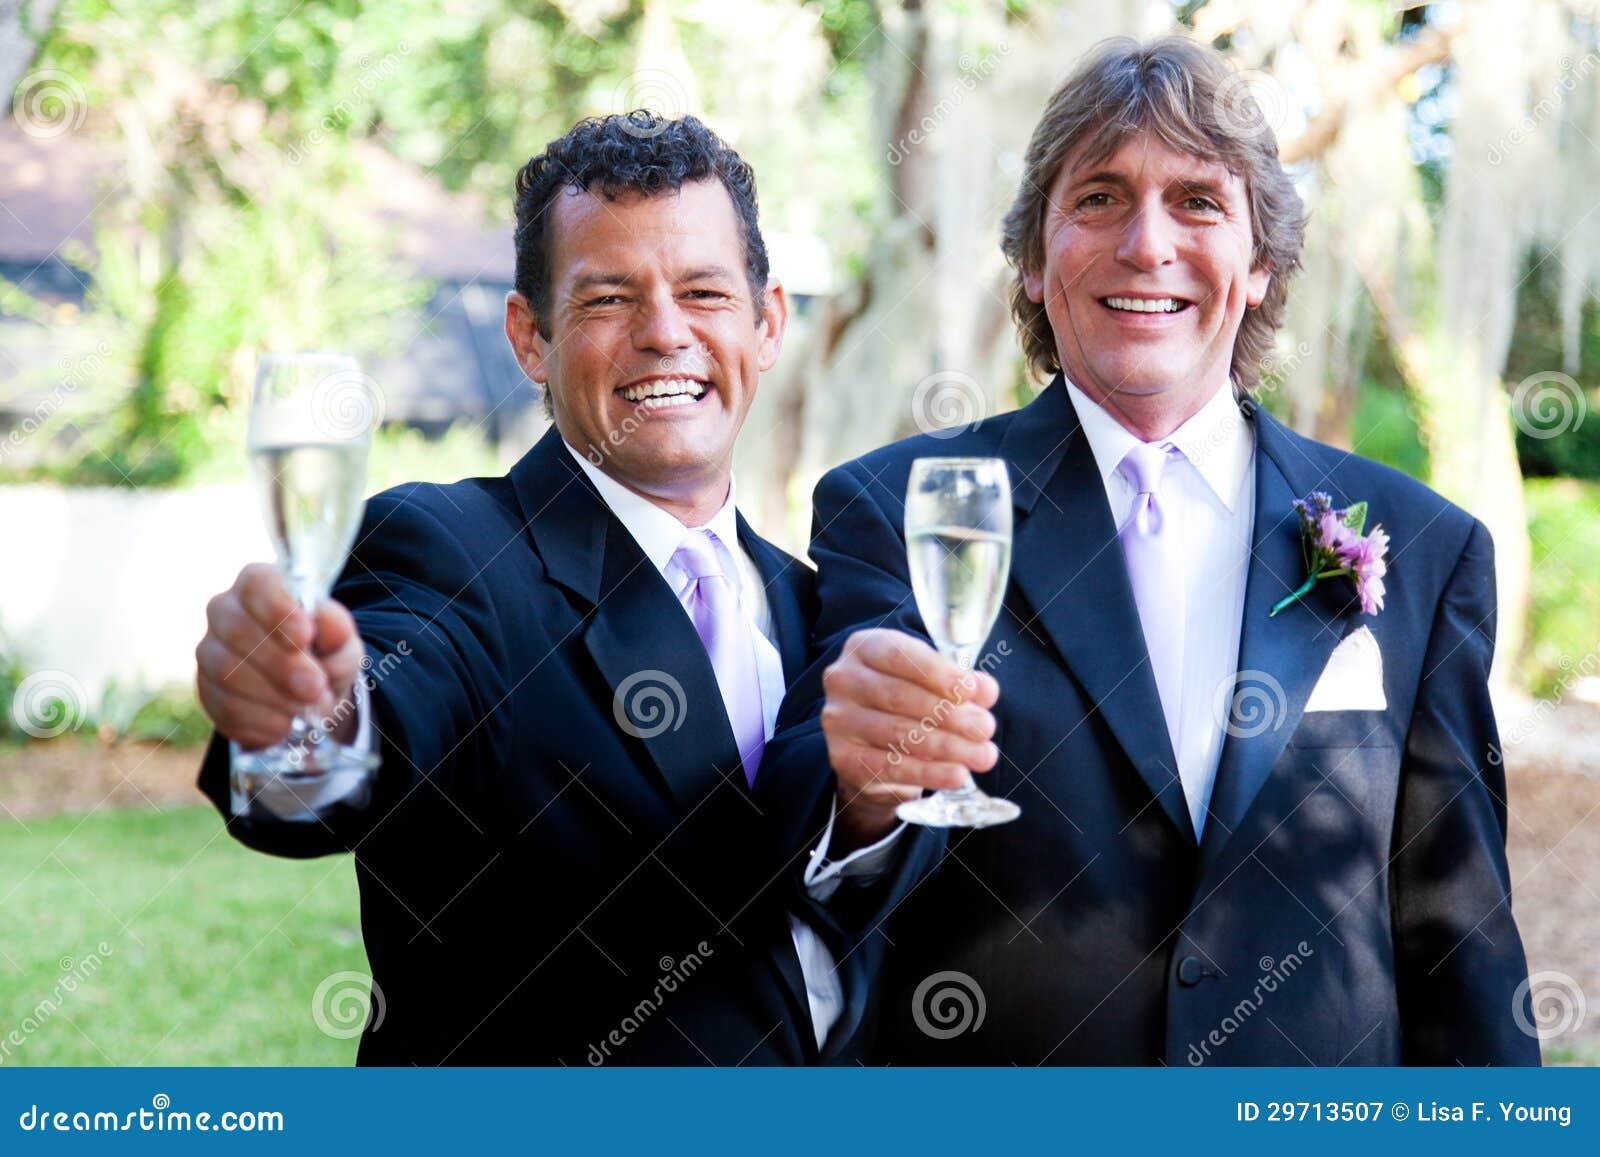 Gay Wedding Couple